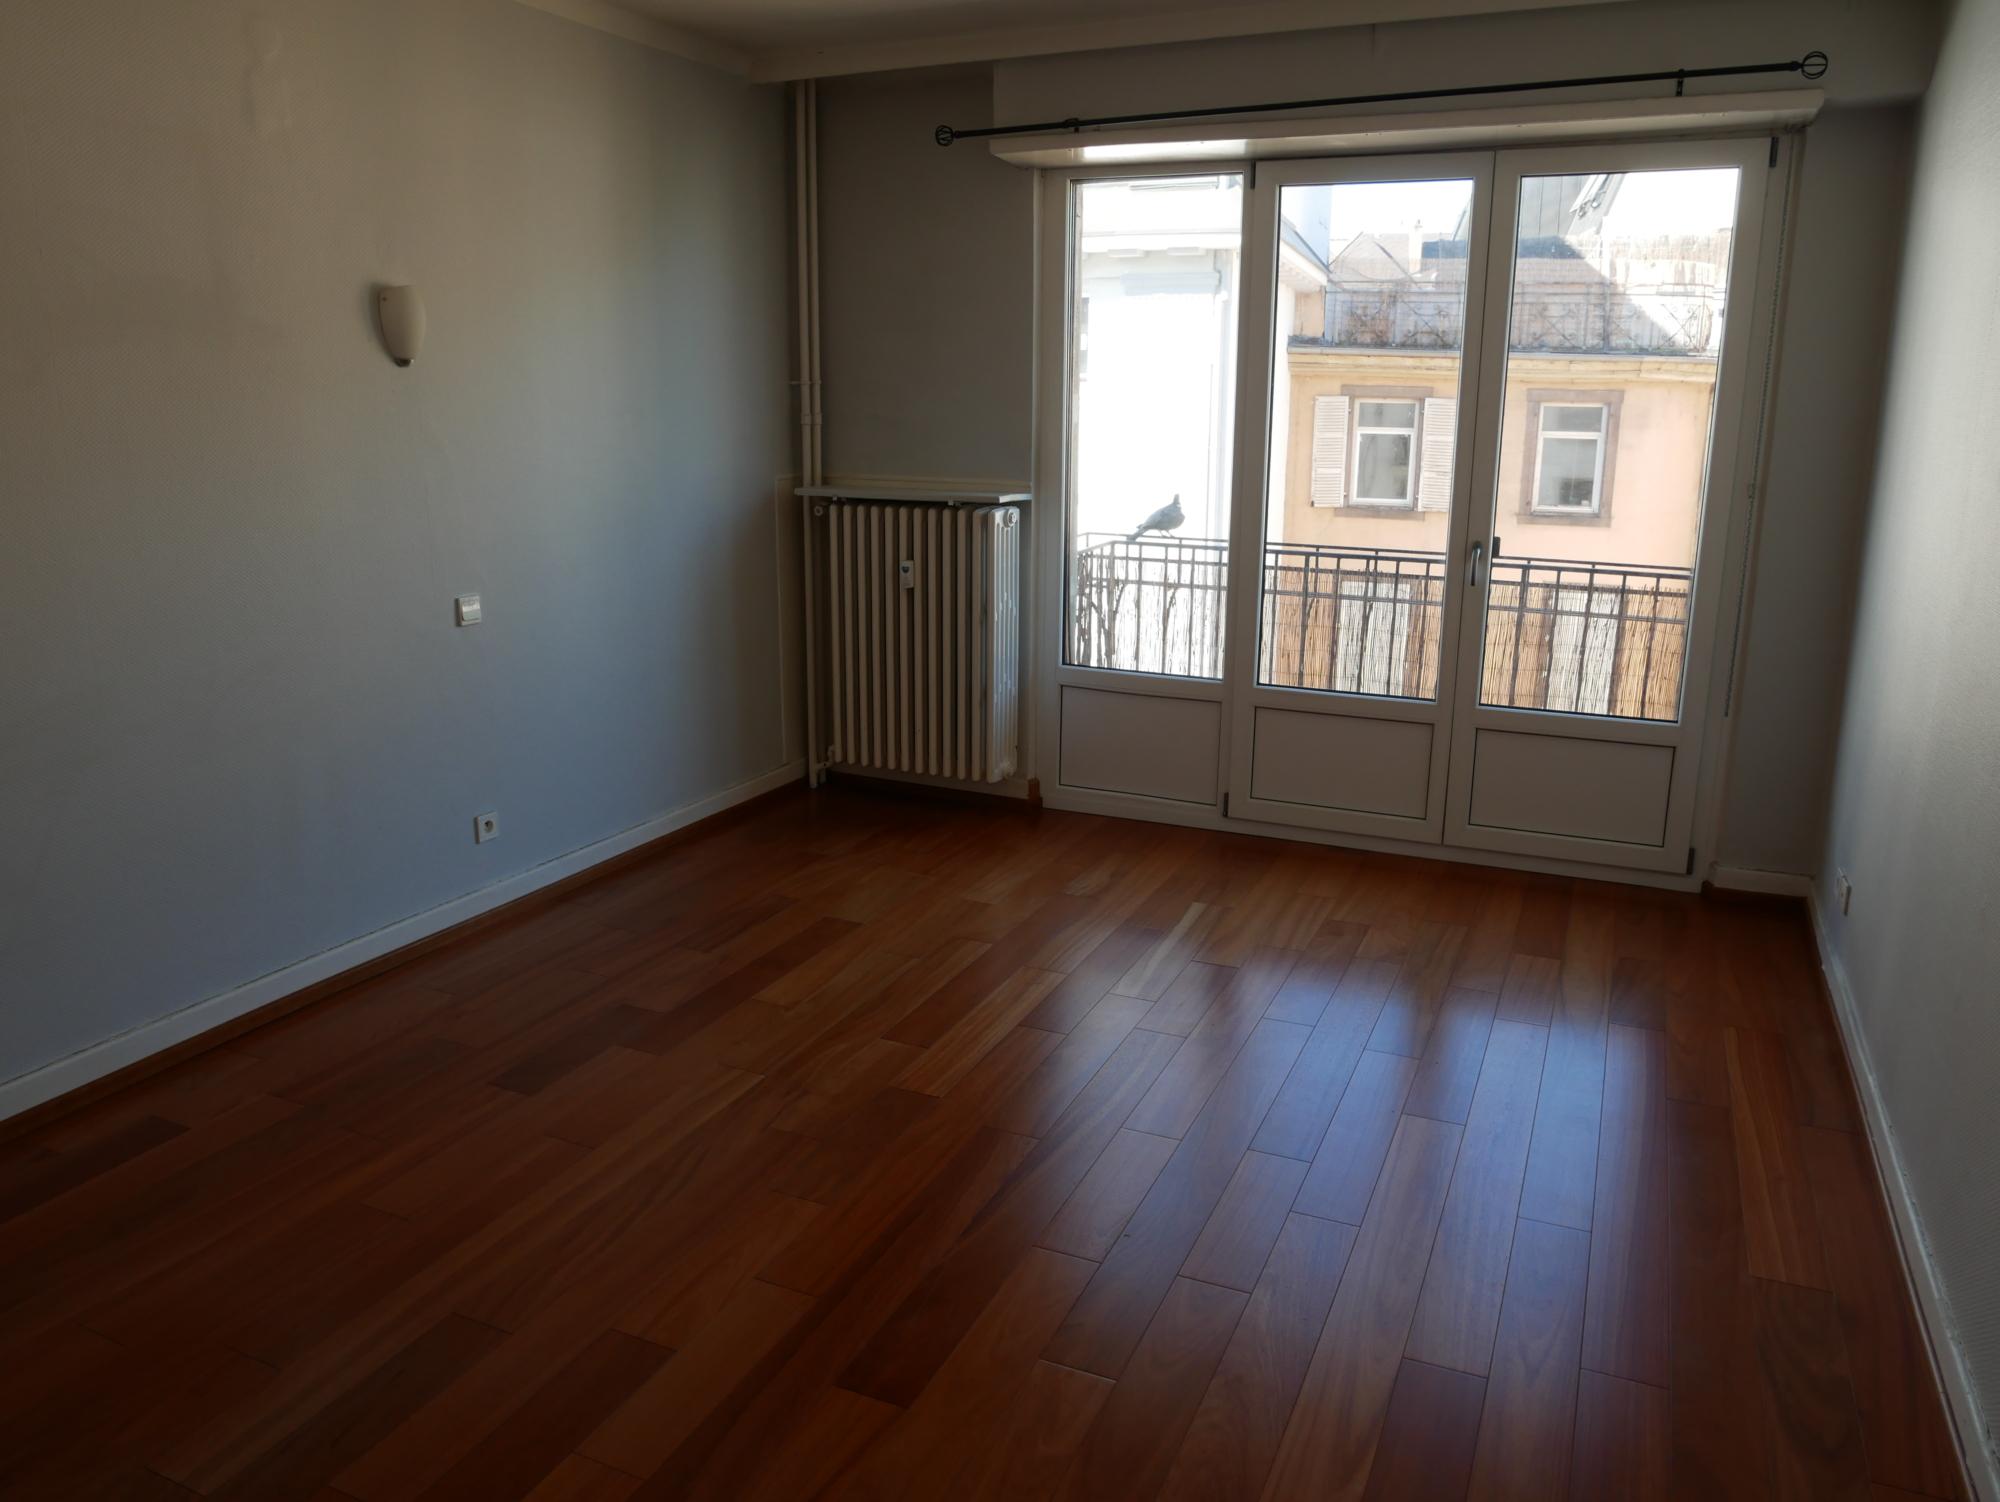 [Shiny] Lumineux 2 pièces avec balcon - Halles / rue de Bouxwiller - nos locations - Beausite Immobilier 1